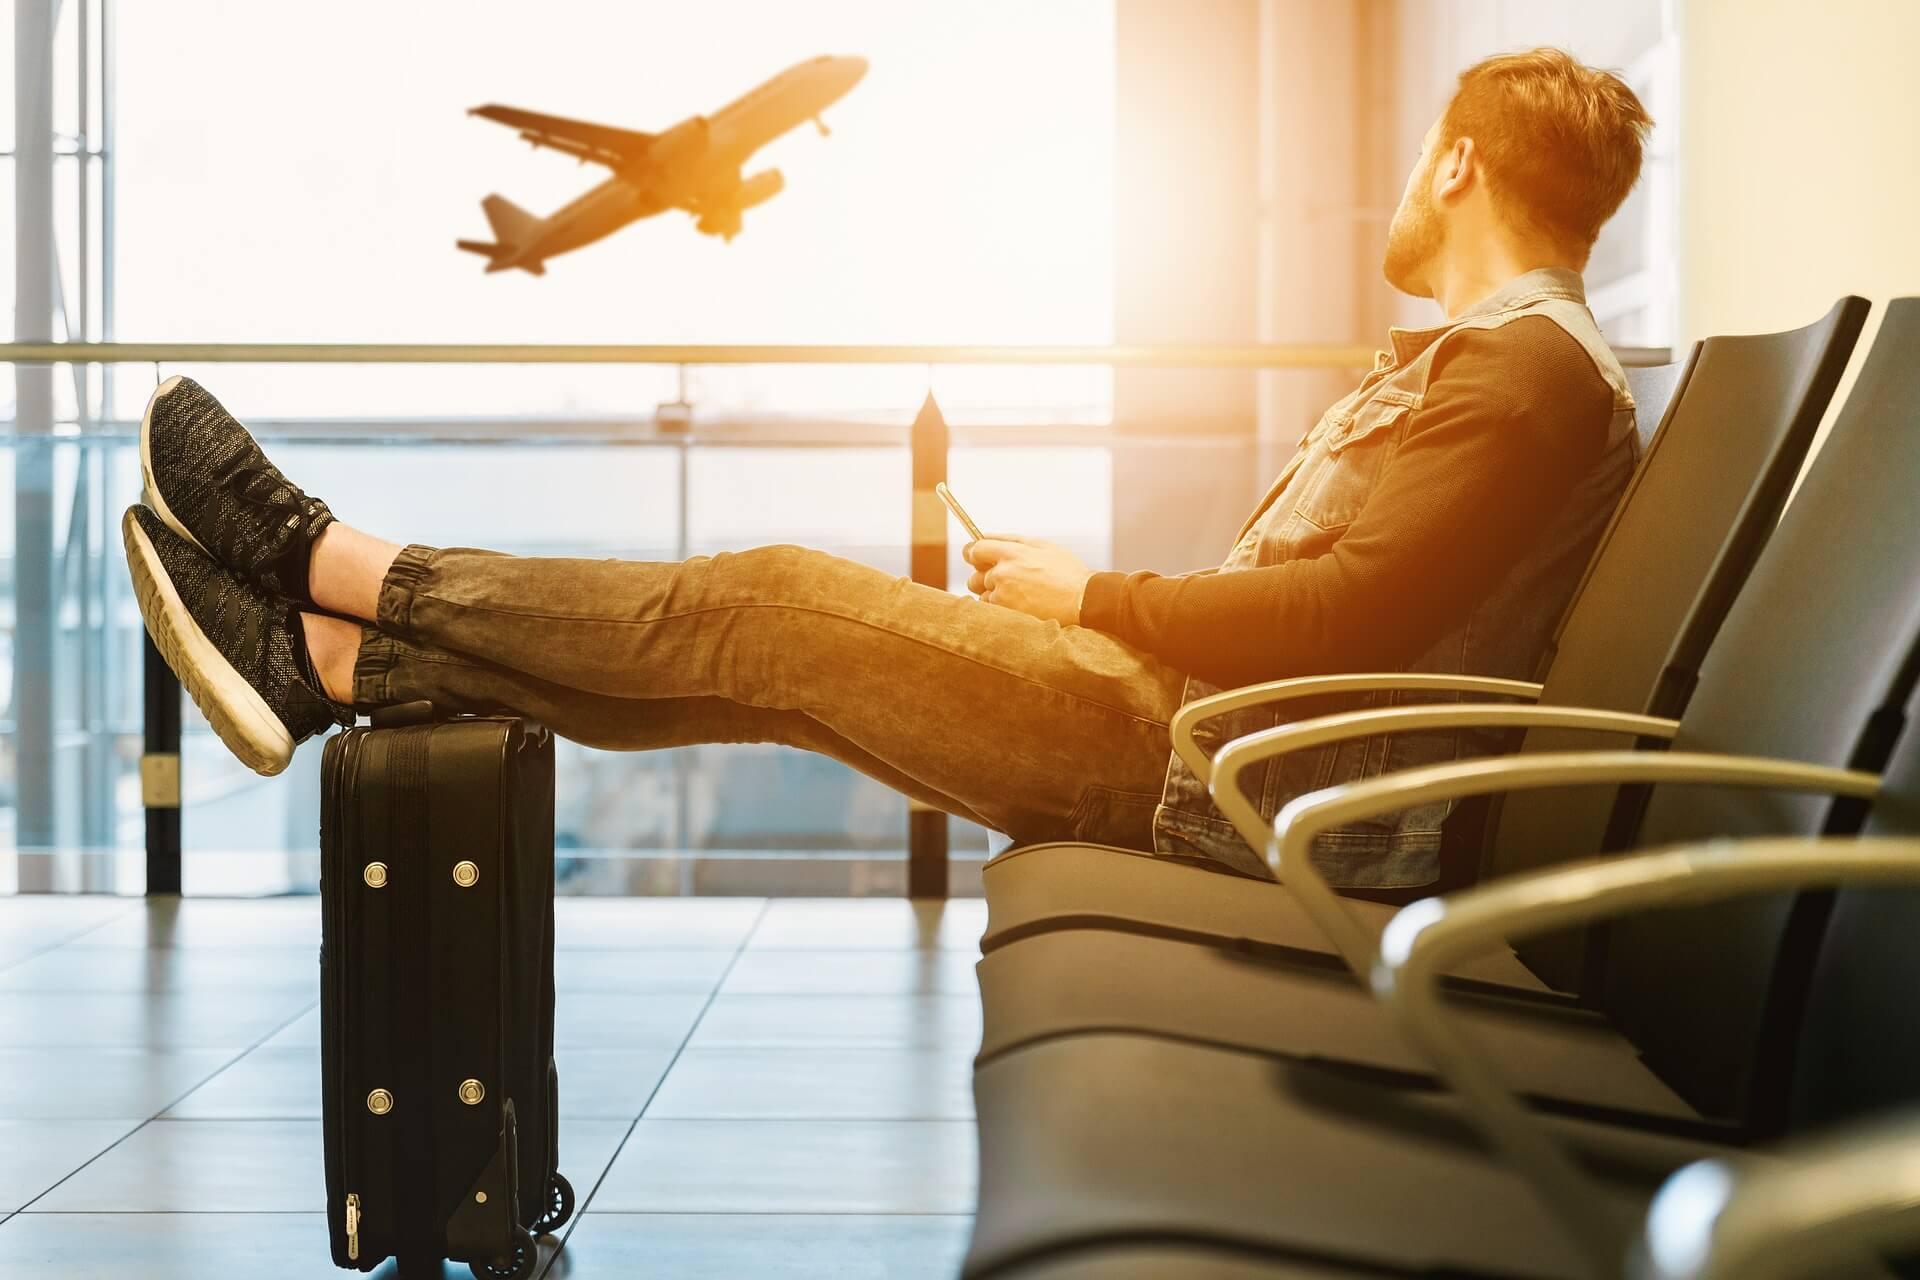 Blähungen beim Fliegen – 10 Tipps die wirklich helfen